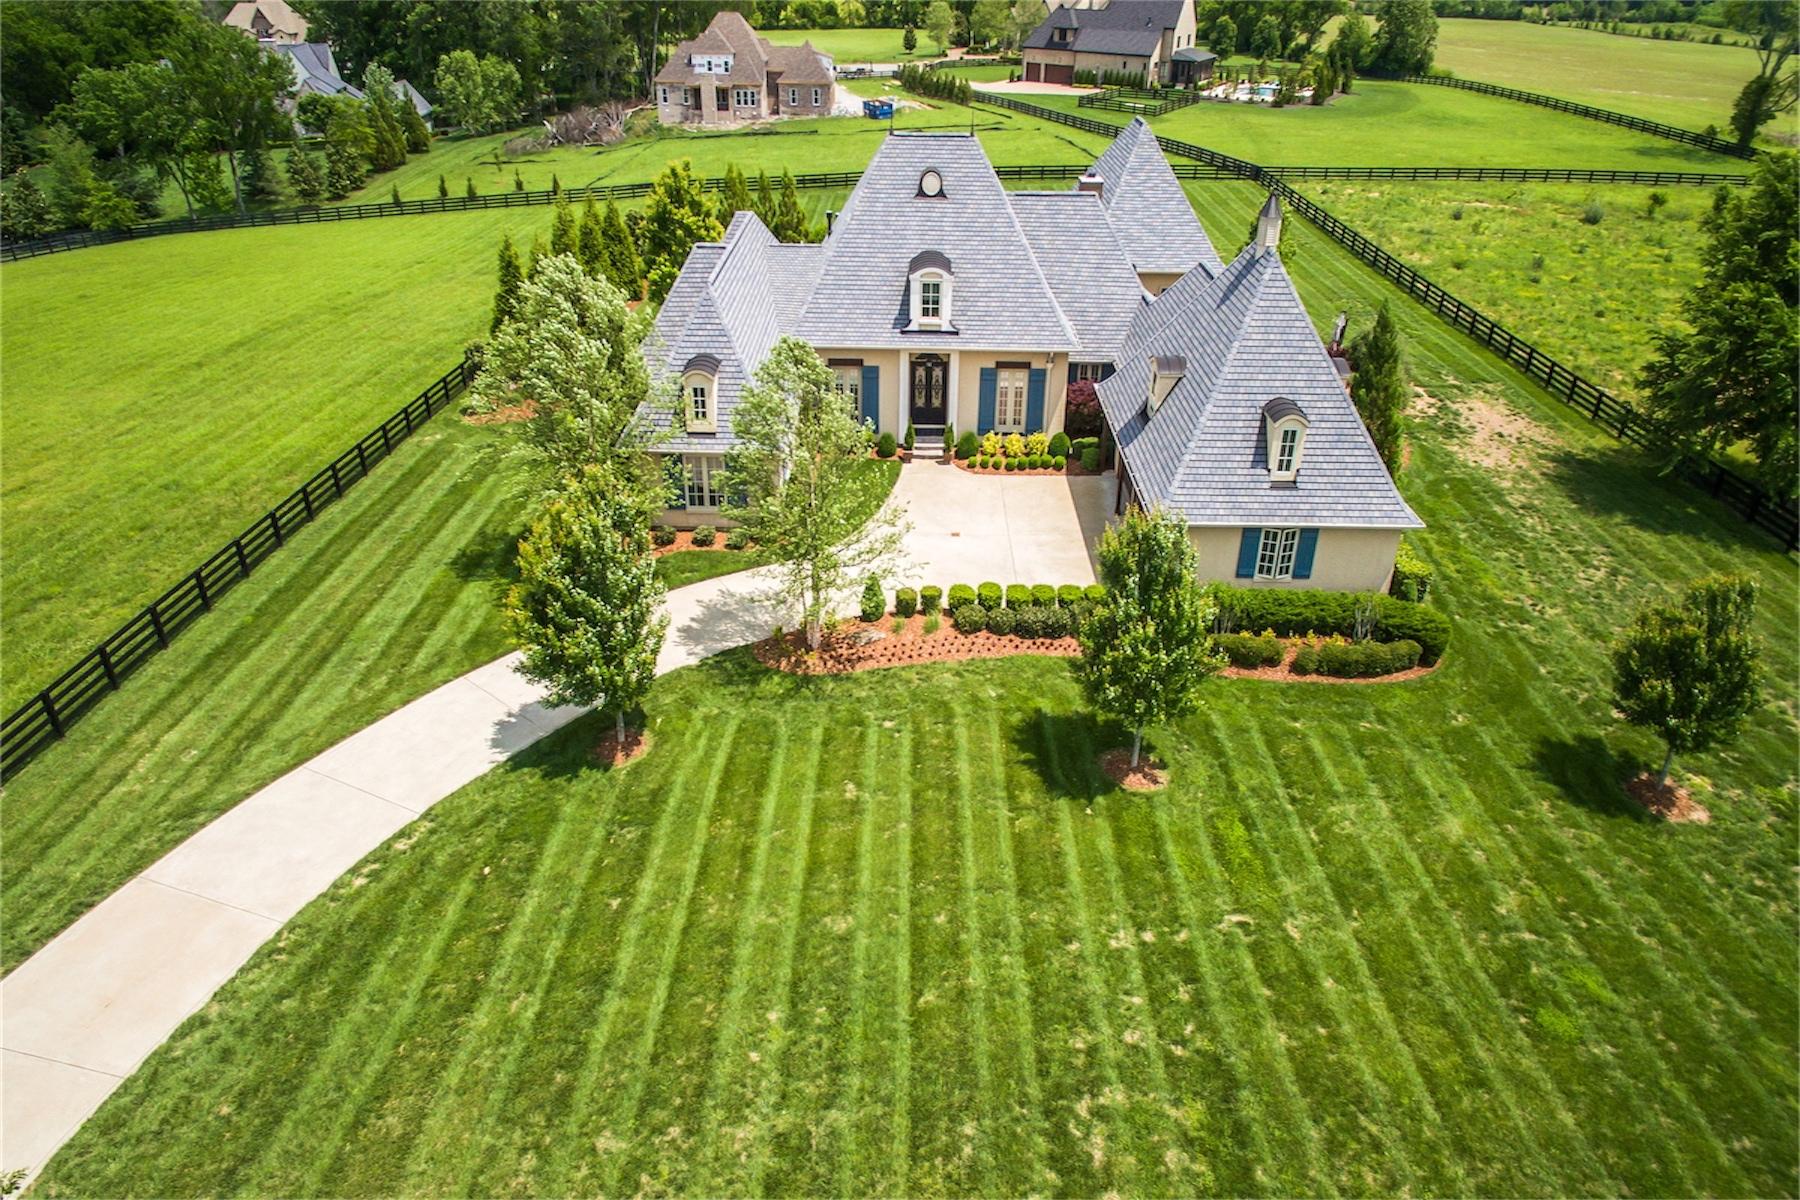 Casa Unifamiliar por un Venta en Picturesque French Country Masterpiece 5536 Hawks Landing Drive Arrington, Tennessee, 37014 Estados Unidos